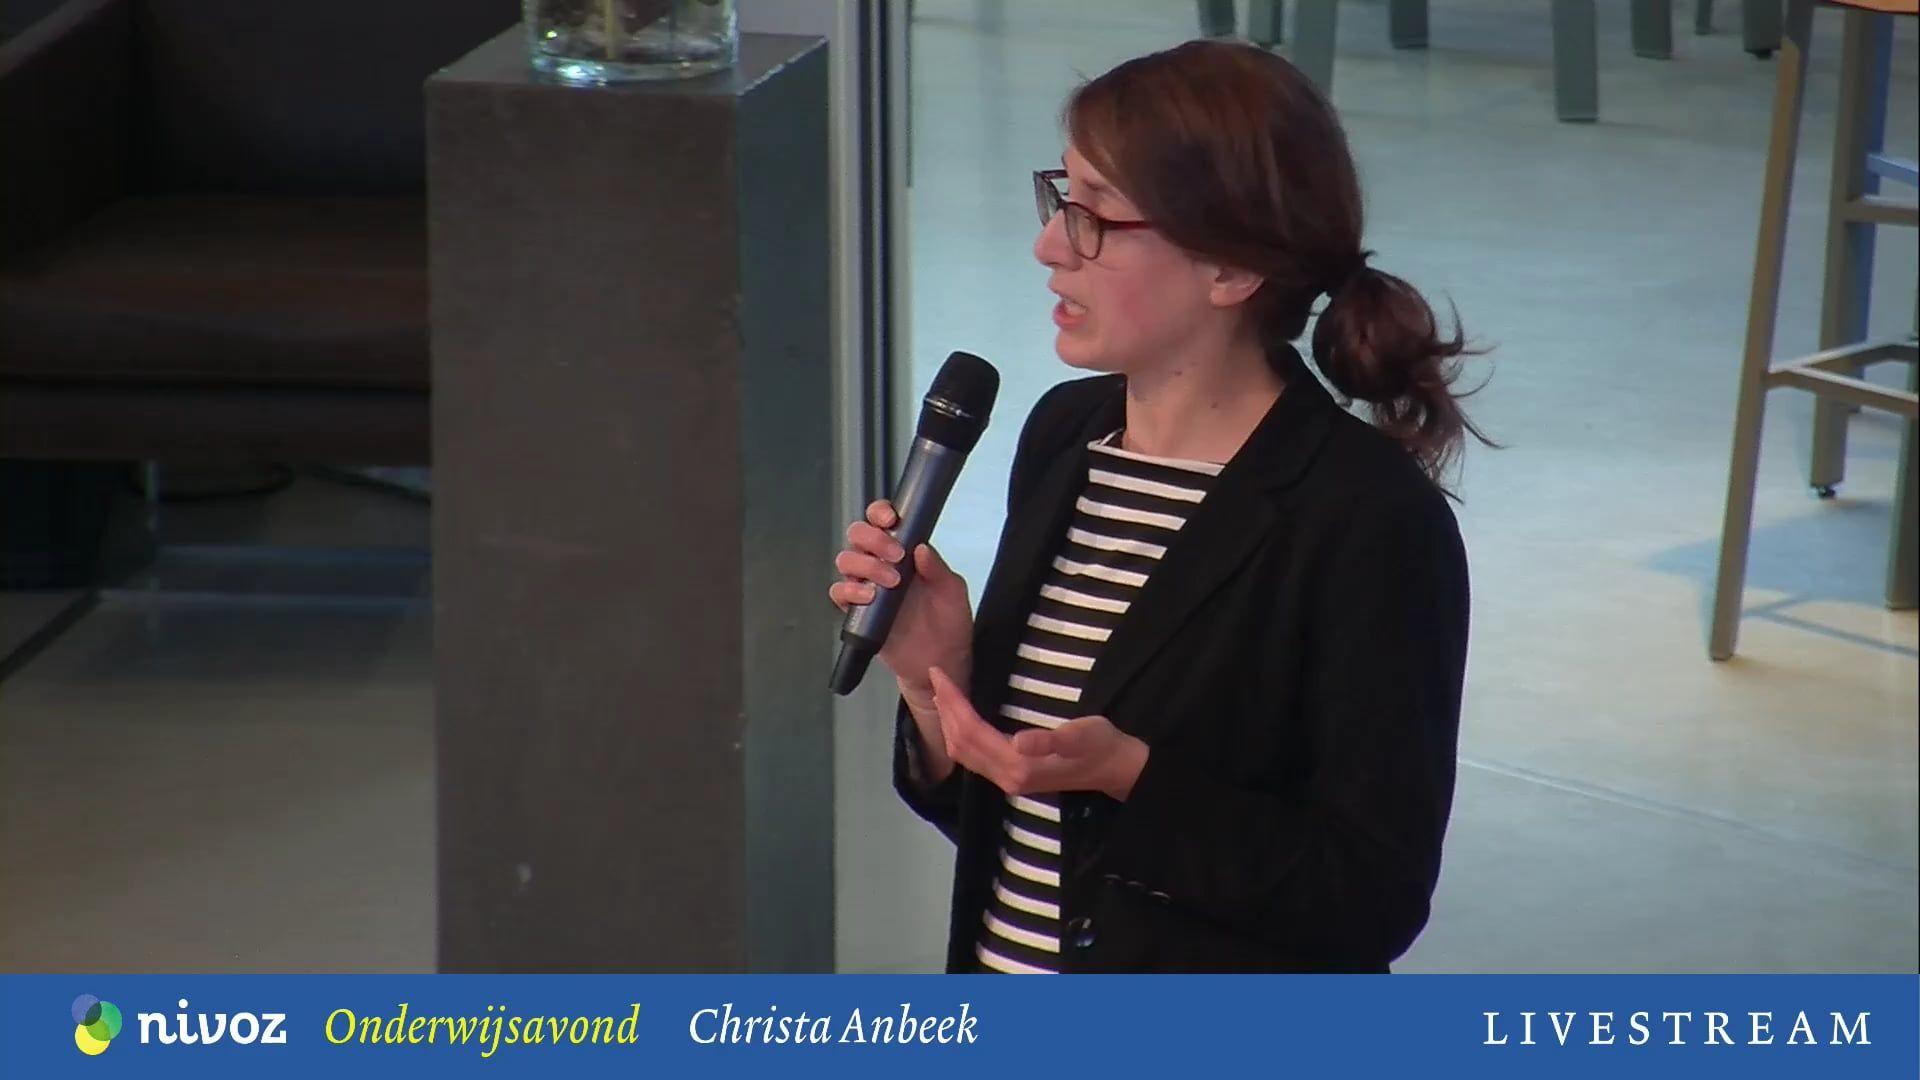 Onderwijsavond Christa Anbeek Driebergen: 'Goed onderwijs ontstaat, daar waar we kwetsbaarheid in relaties erkennen en toelaten'